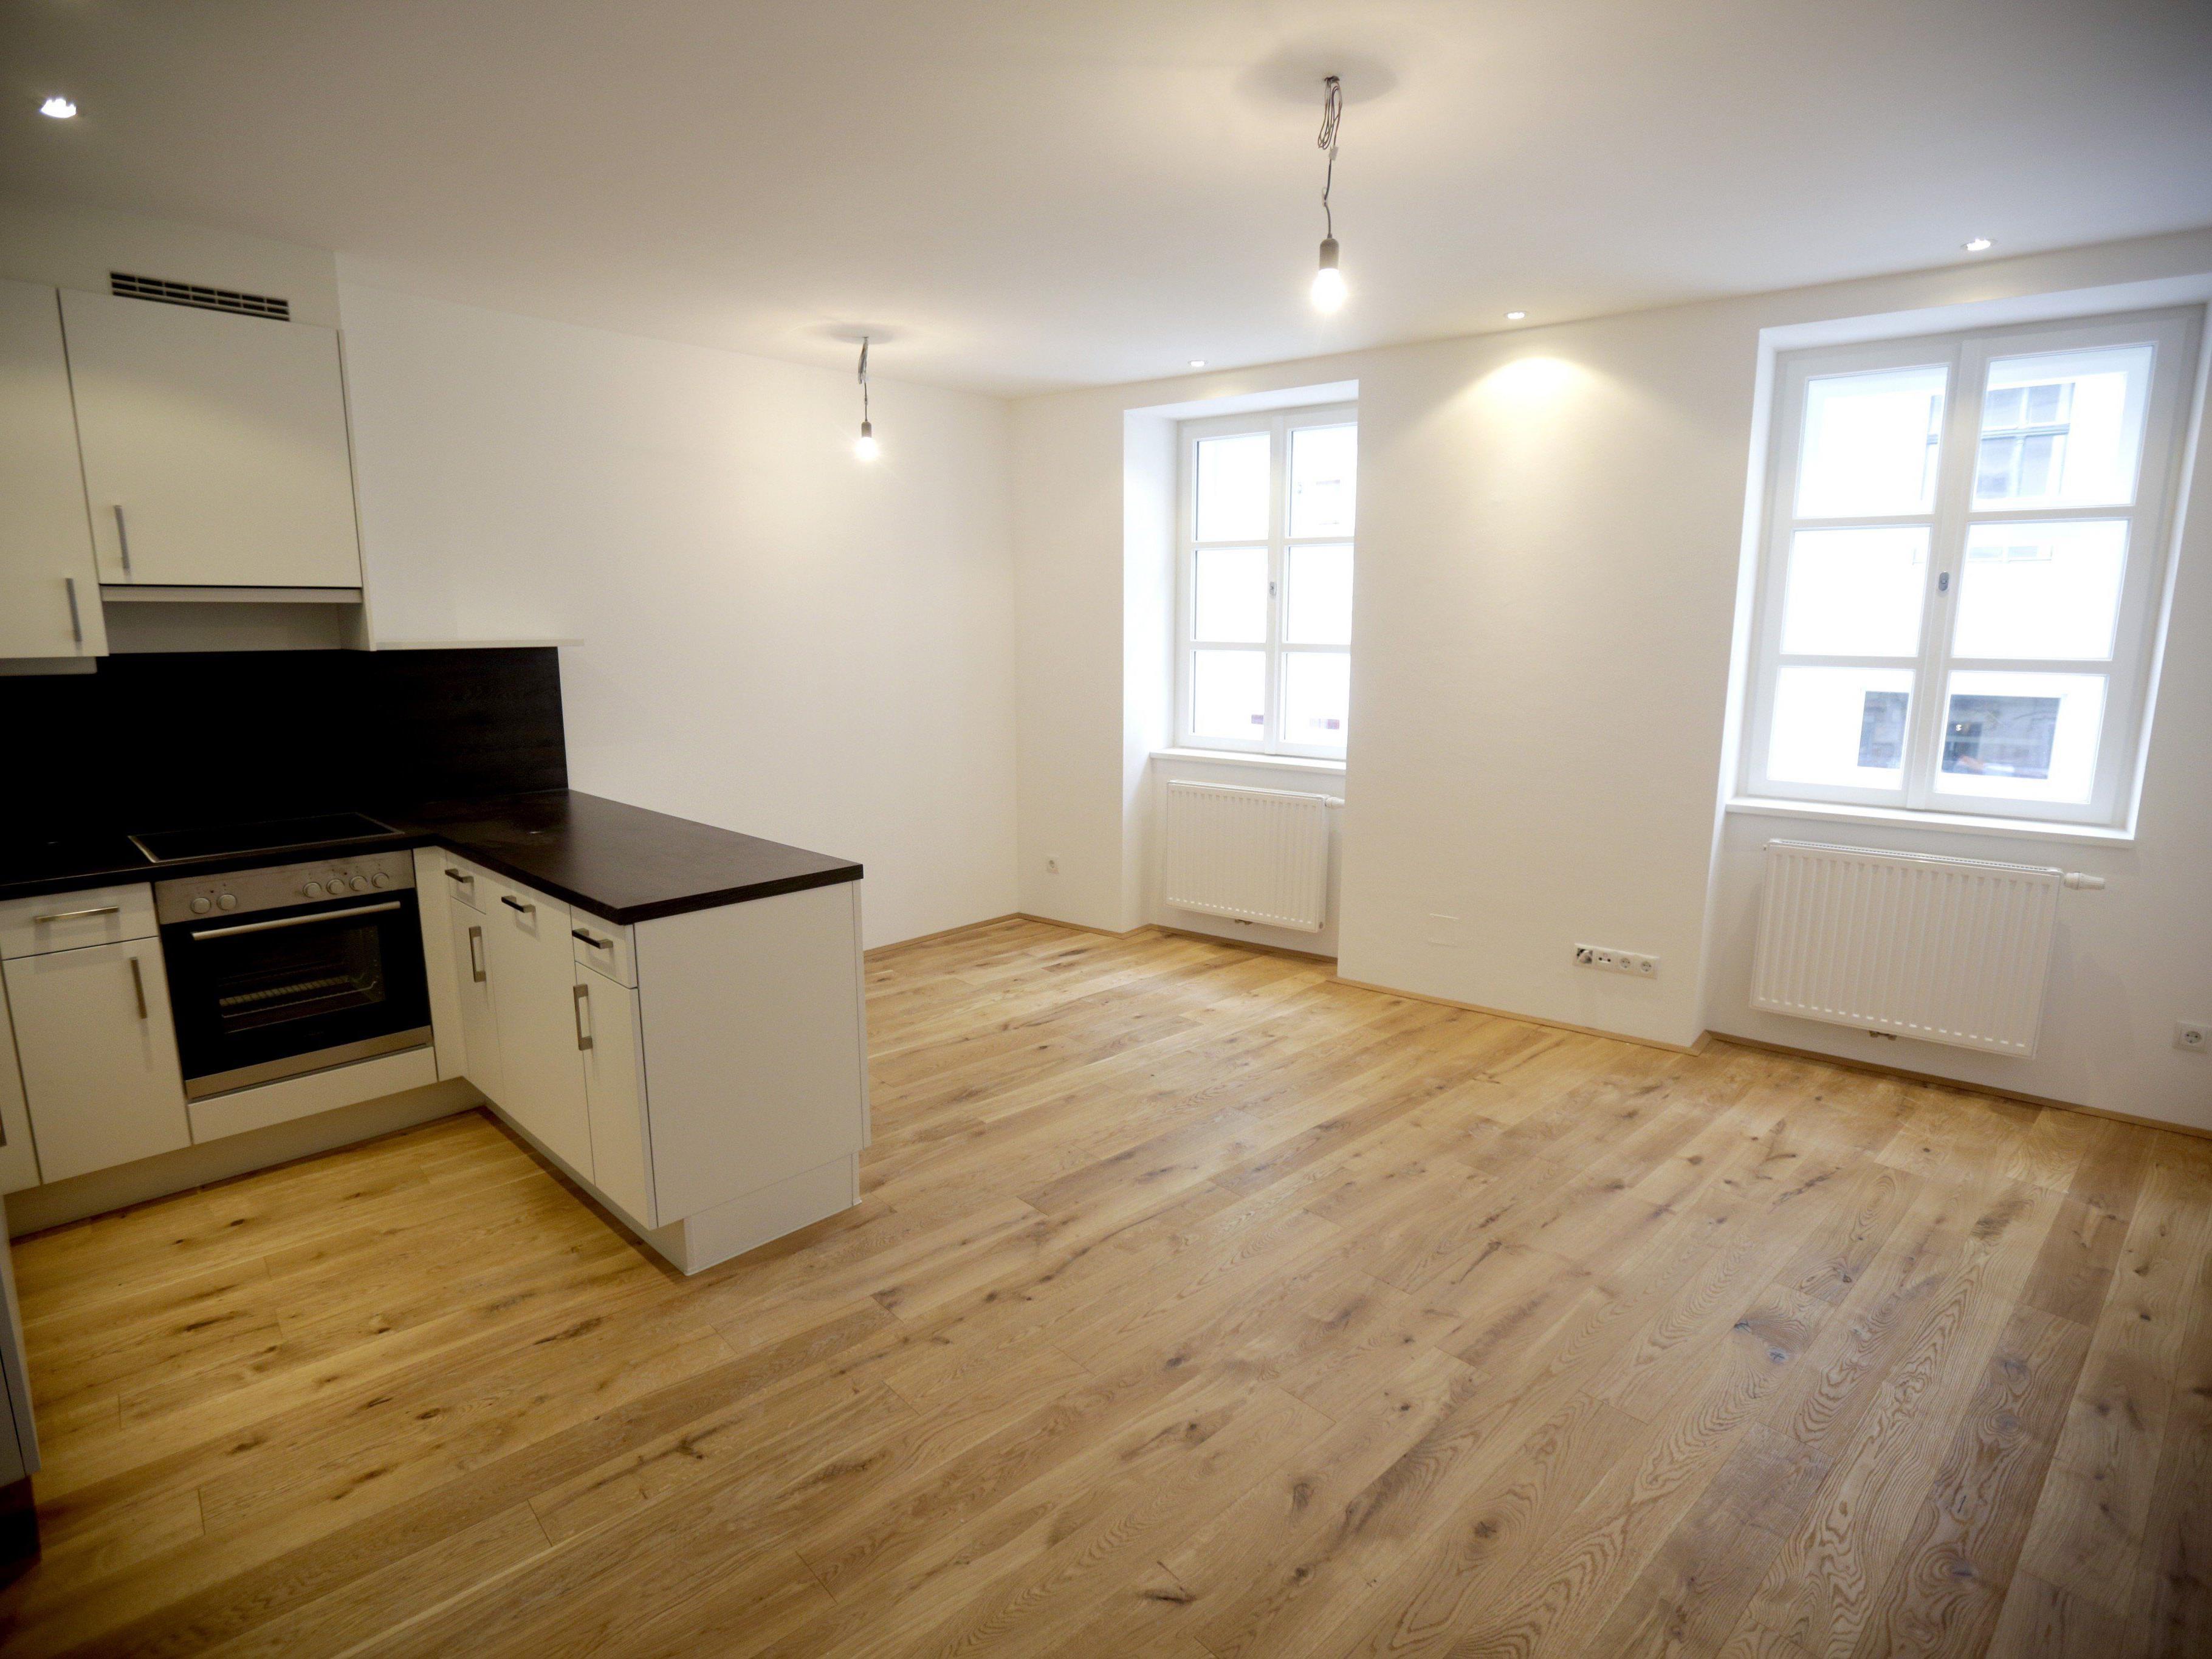 Wiens Wohnungsmieten sind im Juni nur unmerklich gestiegen.